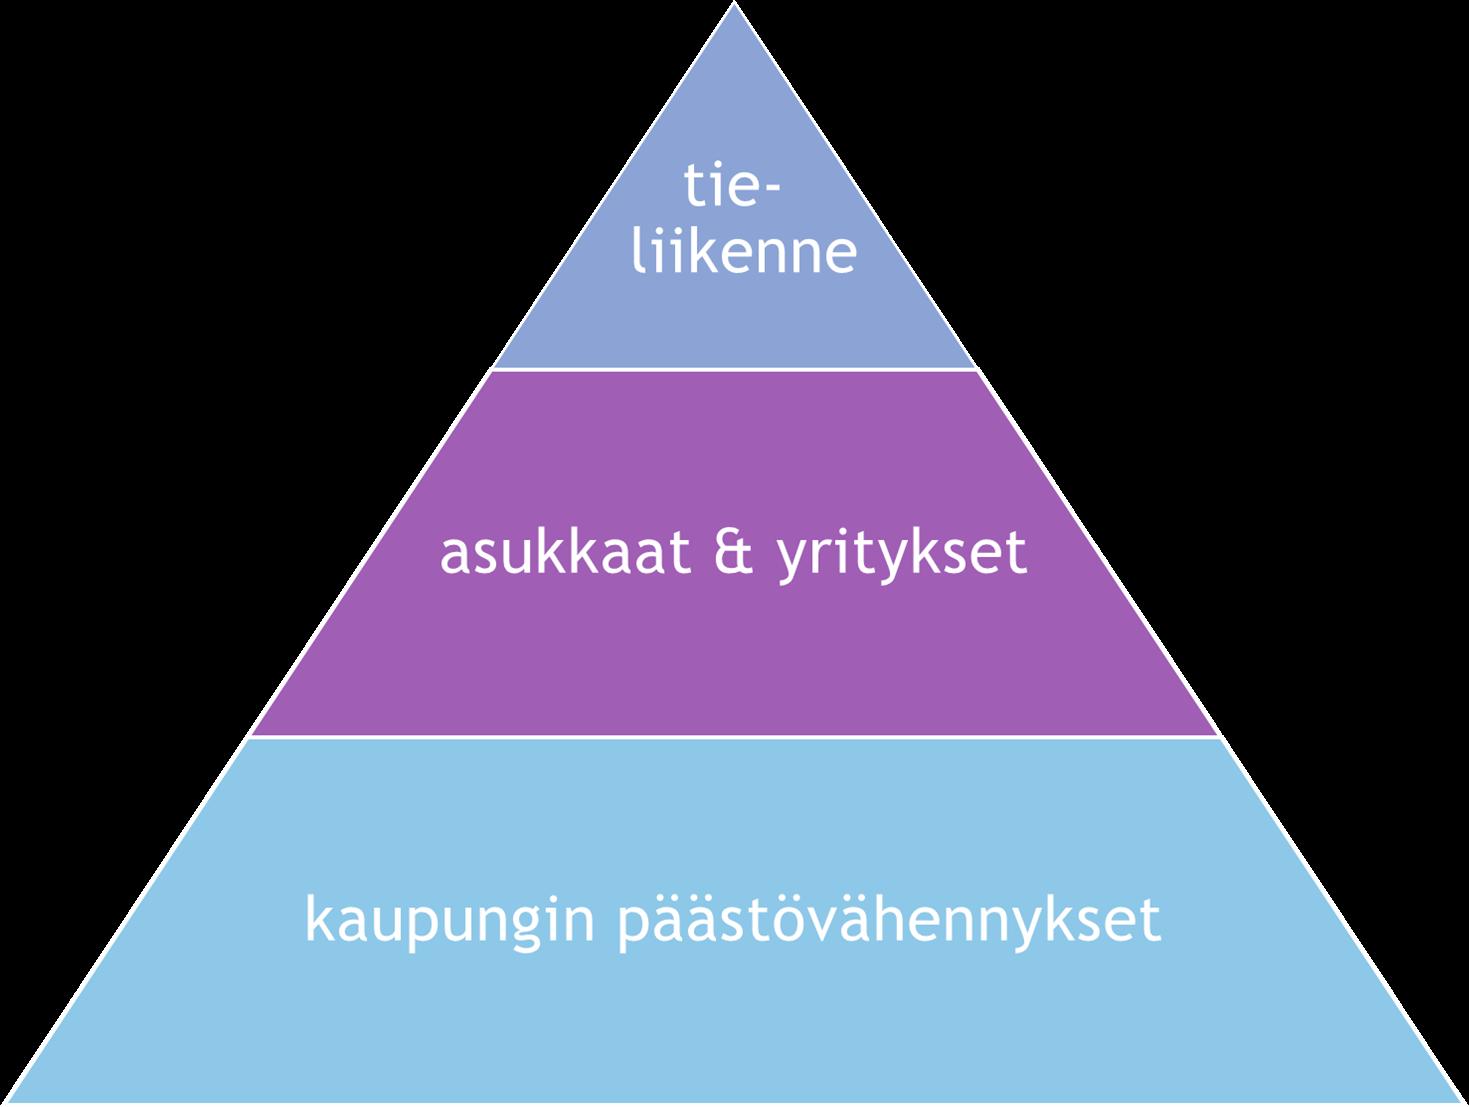 Hinku 2.0 -toimenpideohjelman toimintasuunnitelman kolmiportainen pyramidi ohjaa toiminnan kohdentamista.